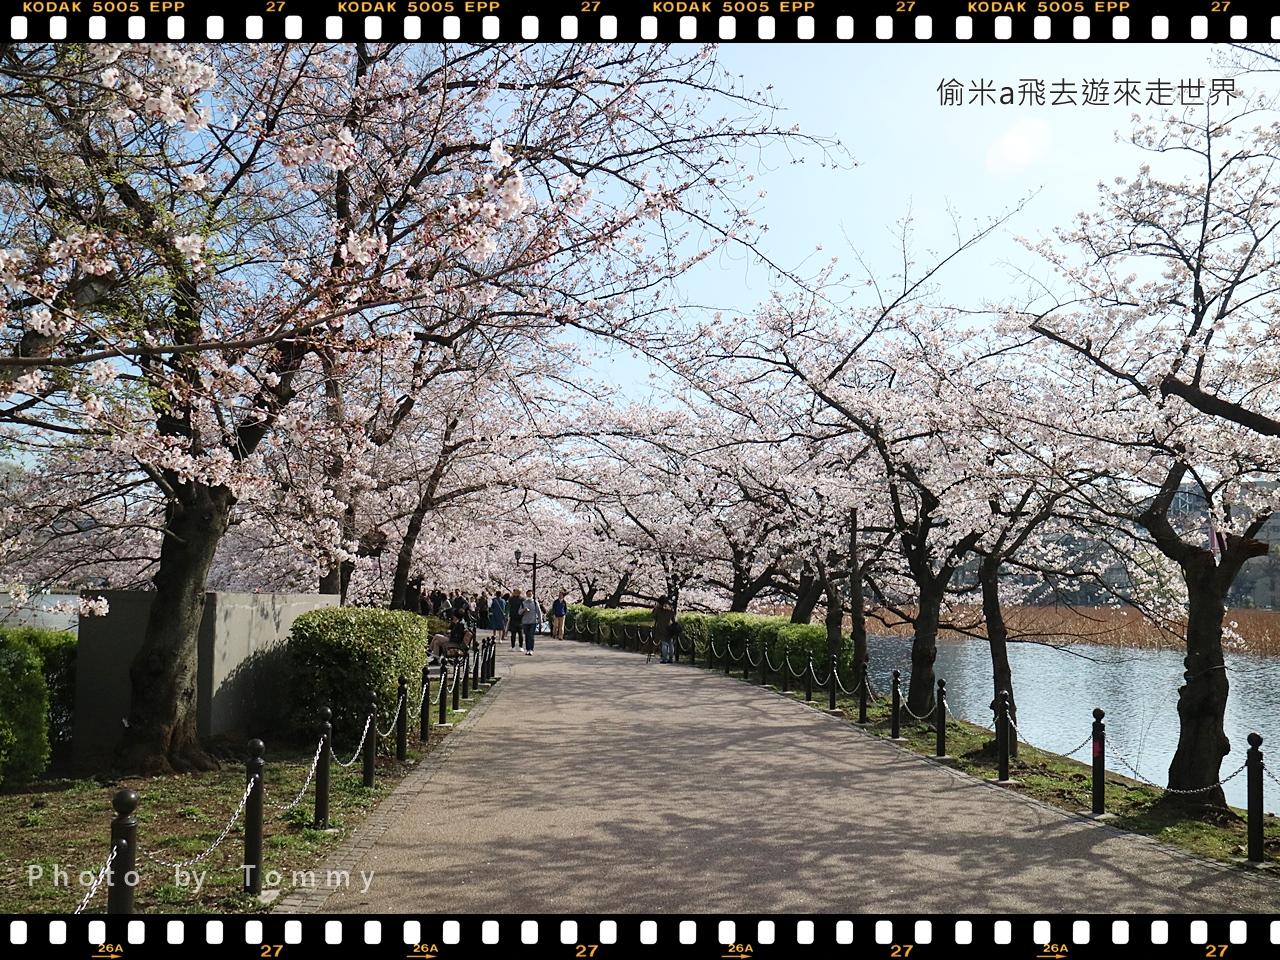 [東京賞櫻] 日本東京賞櫻景點名所:上野恩賜公園,野餐的好地方